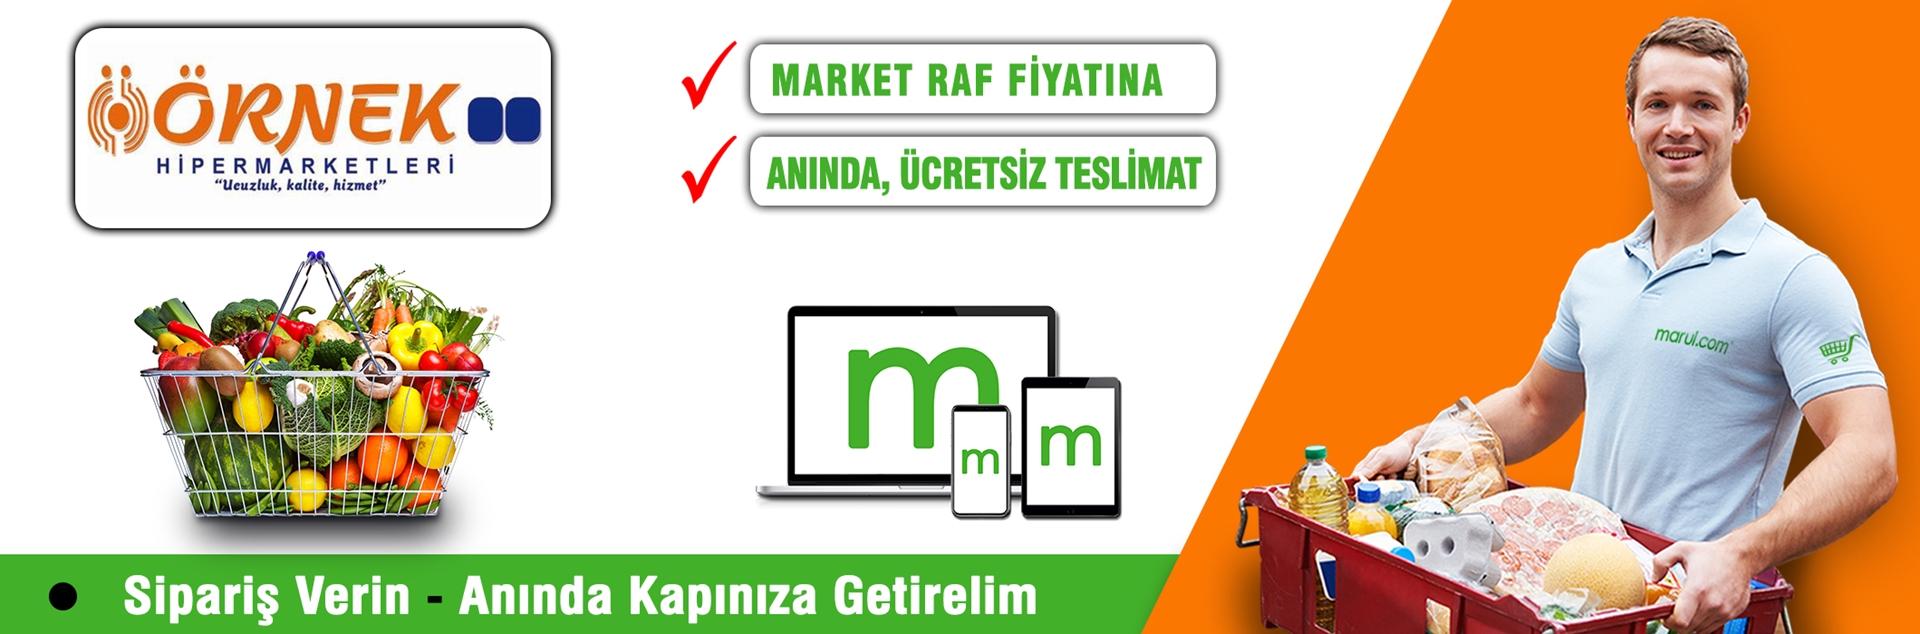 örnek hipermarketleri online market siparişi